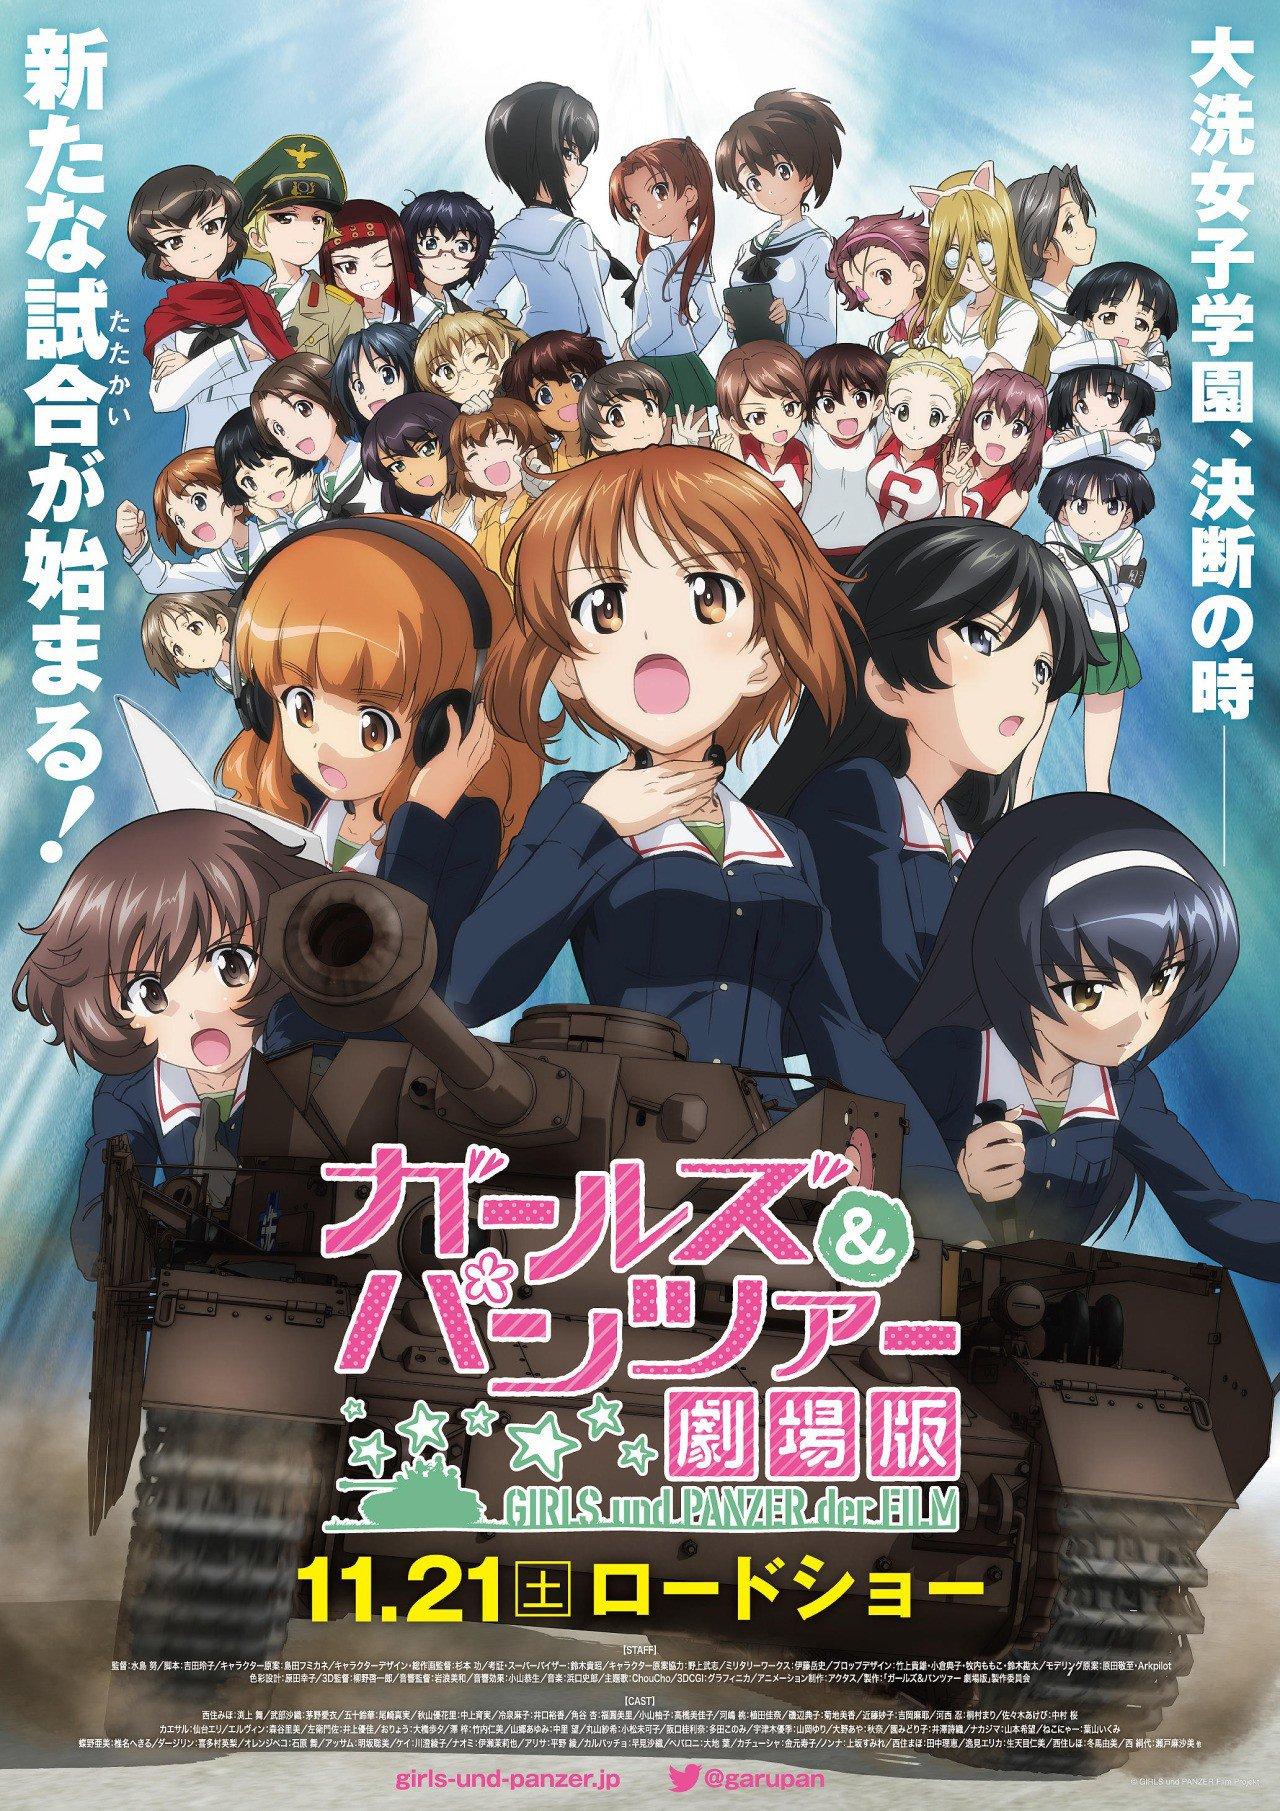 >Girls und Panzer der Film สาวปิ๊ง! ซิ่งแทงค์ (Movie) ซับไทย